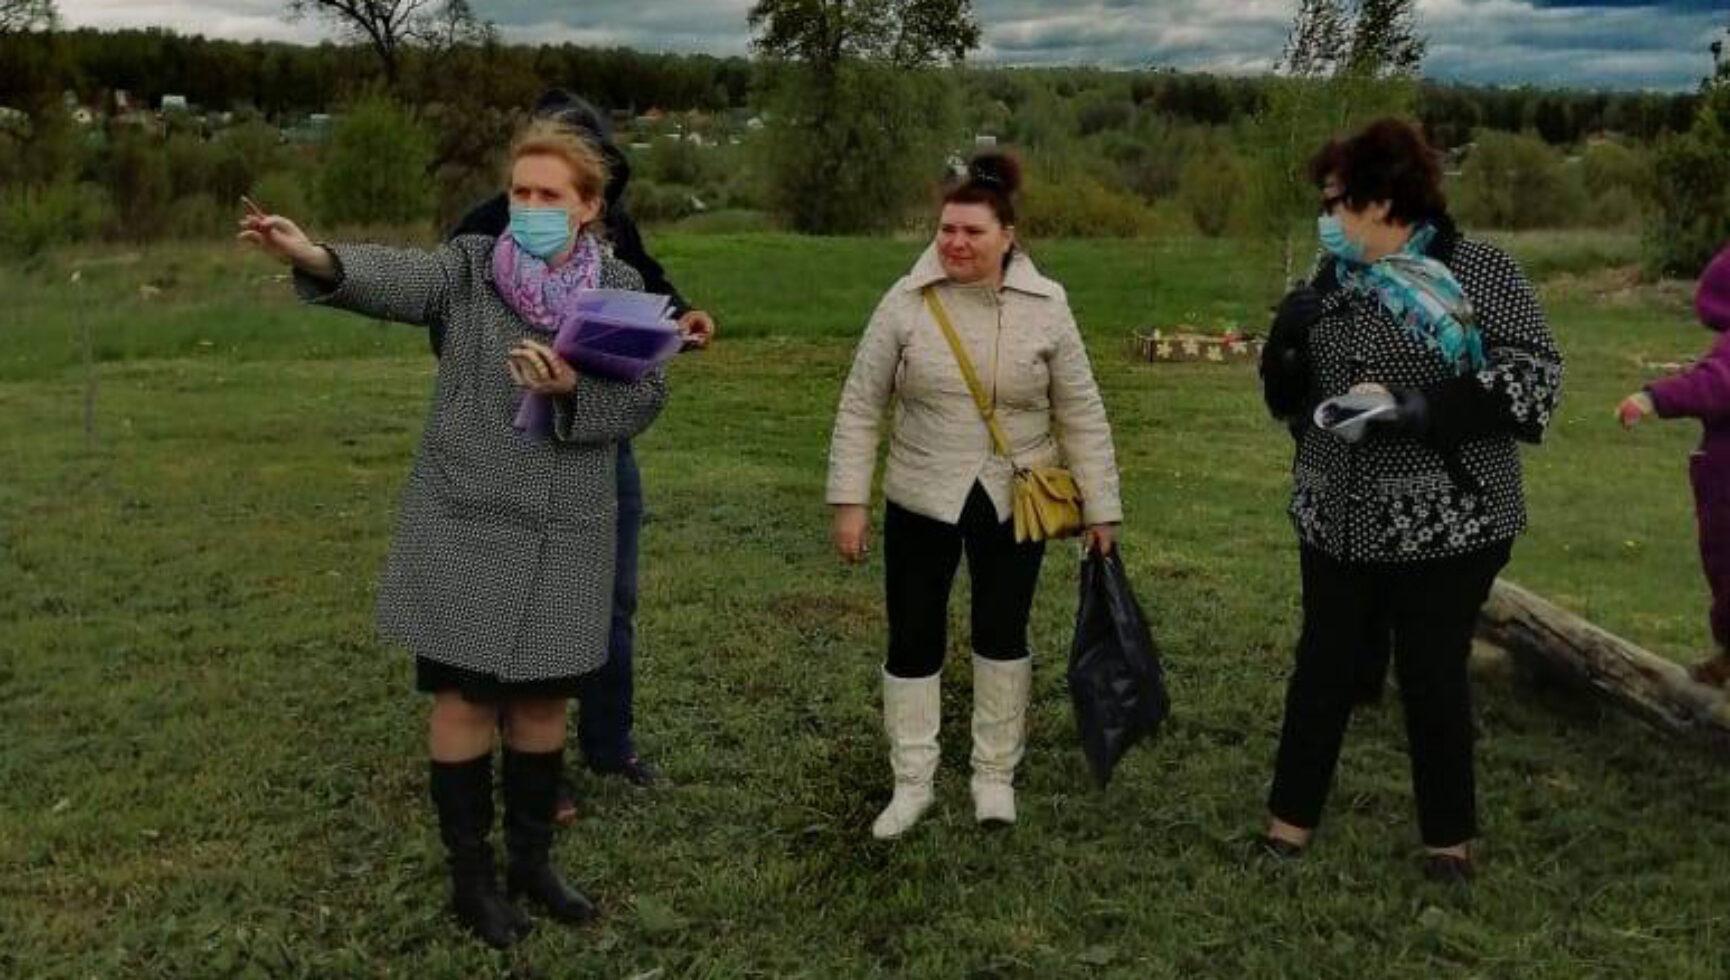 Проект старосты деревни Оленино «Процветай, родимый край!»